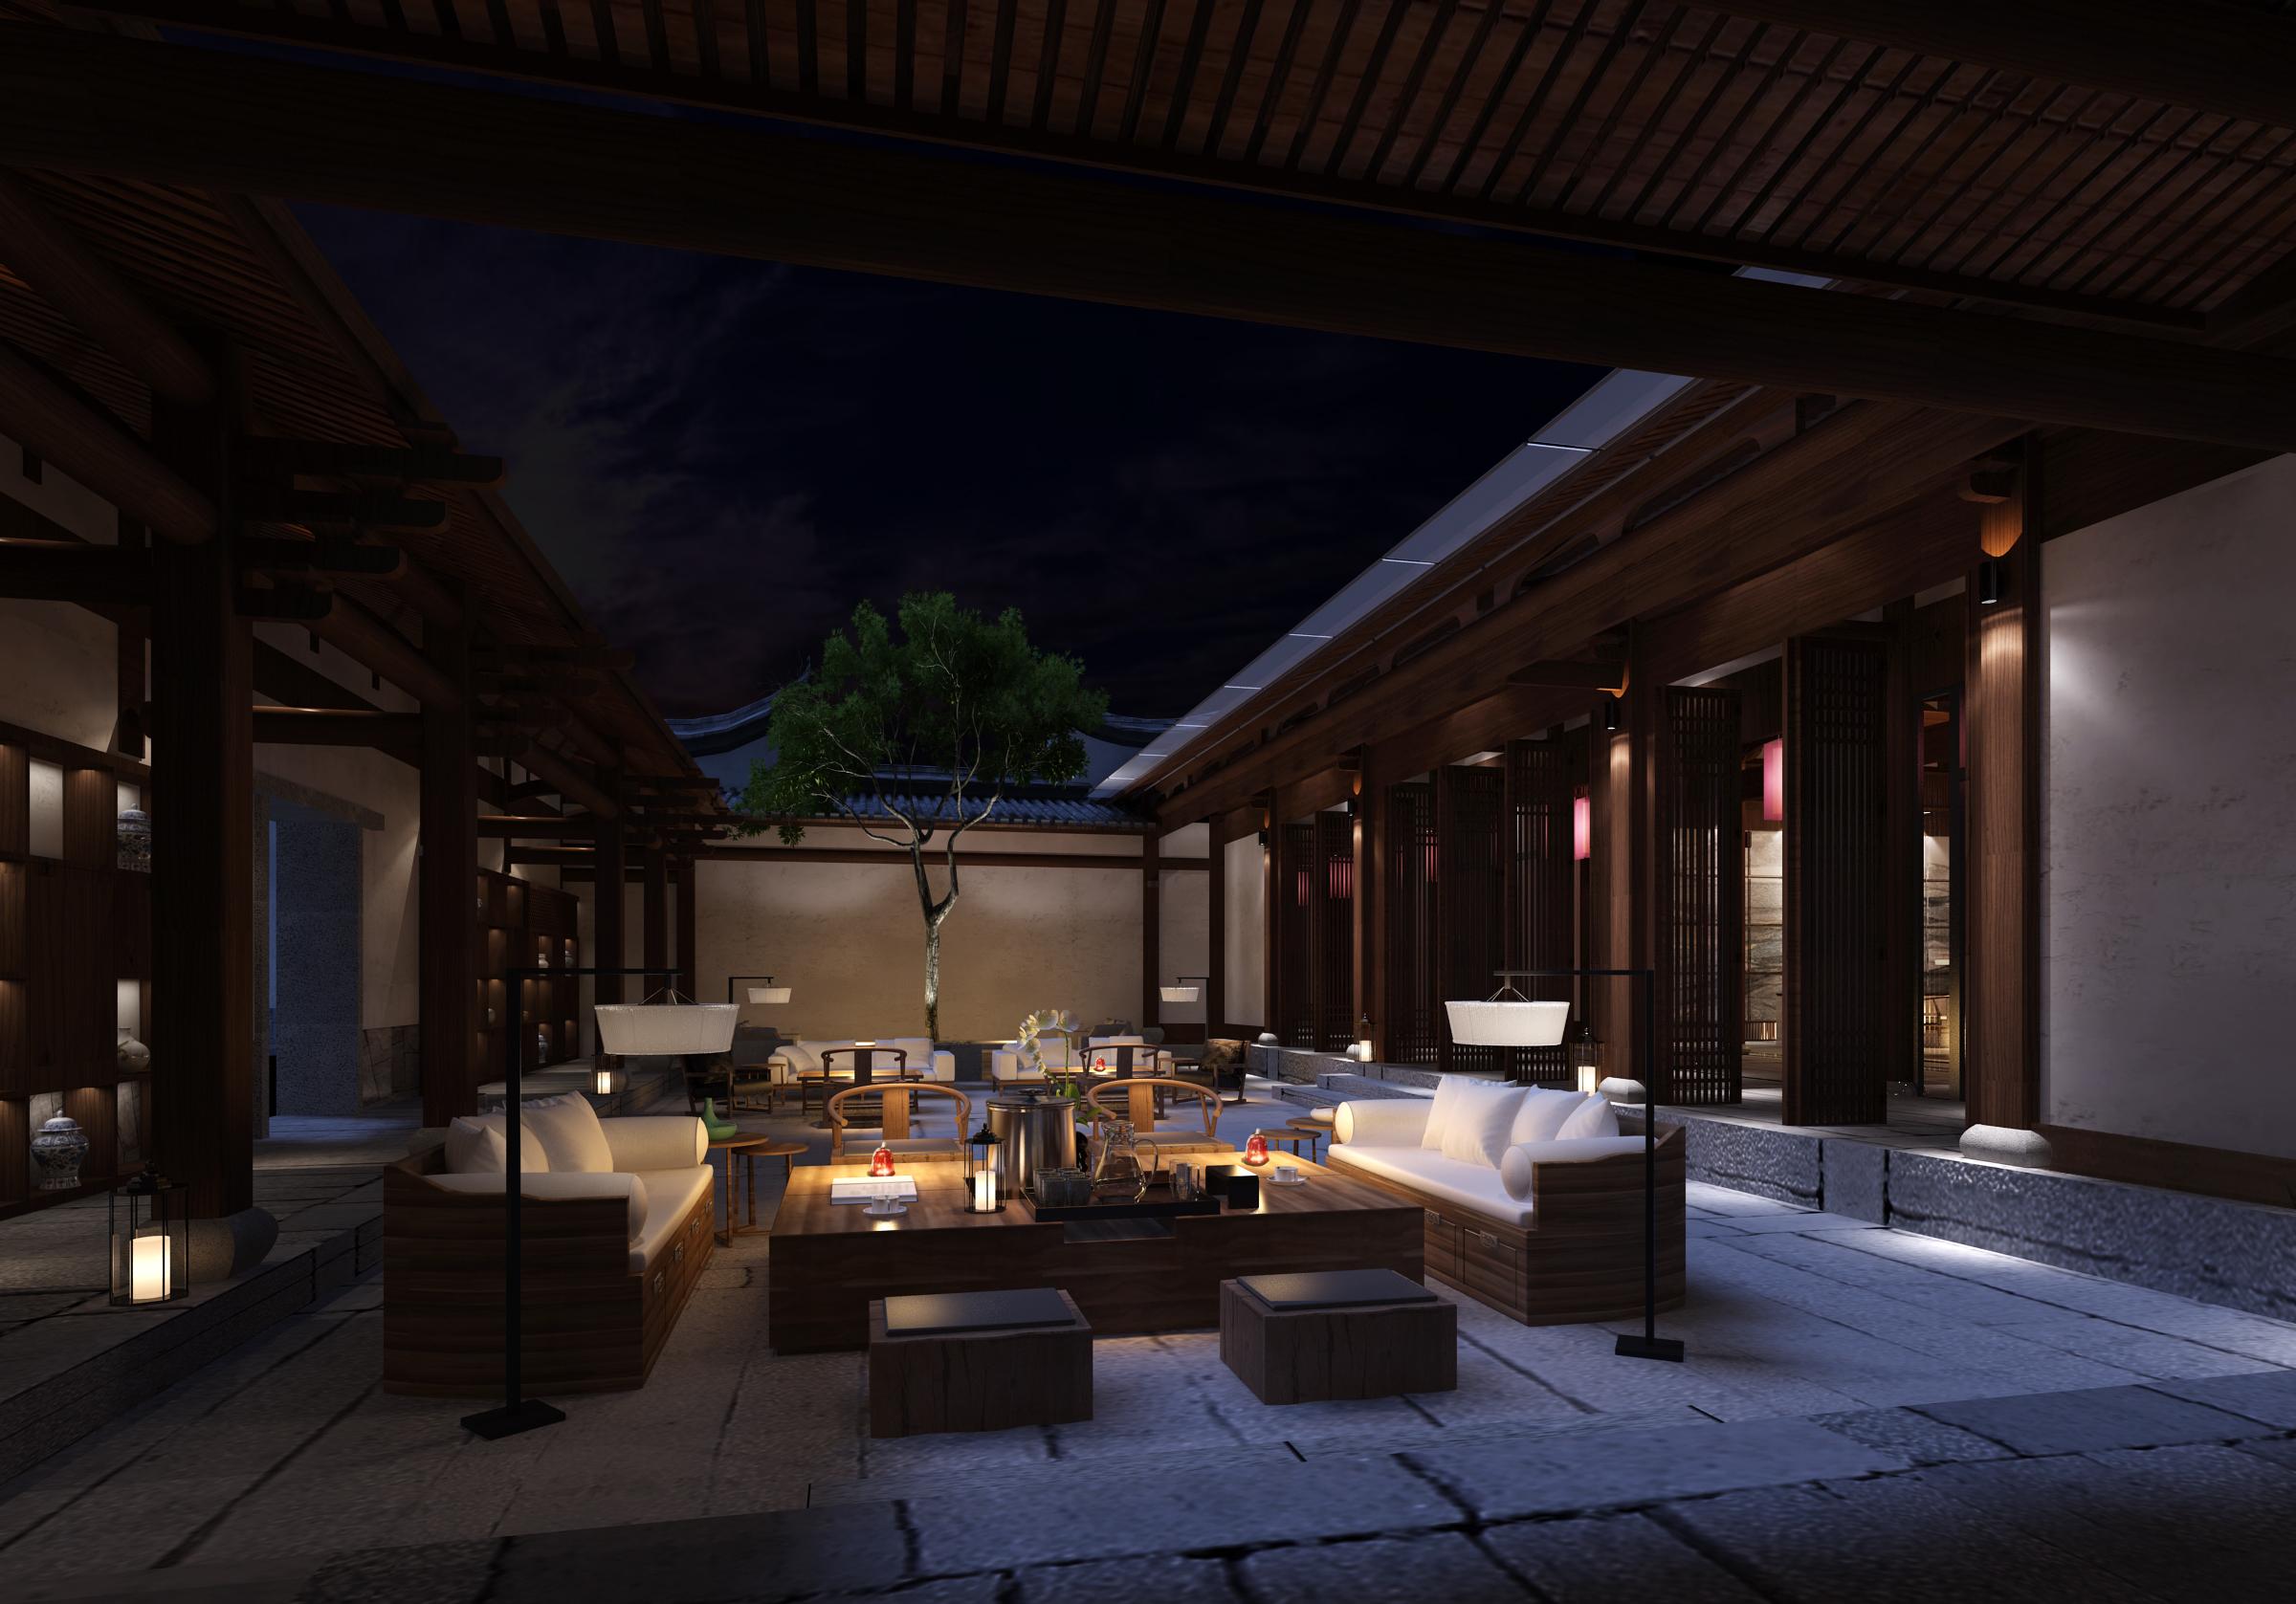 工装公司是这样装修酒店餐厅的酒店装修效果图_中庭风格